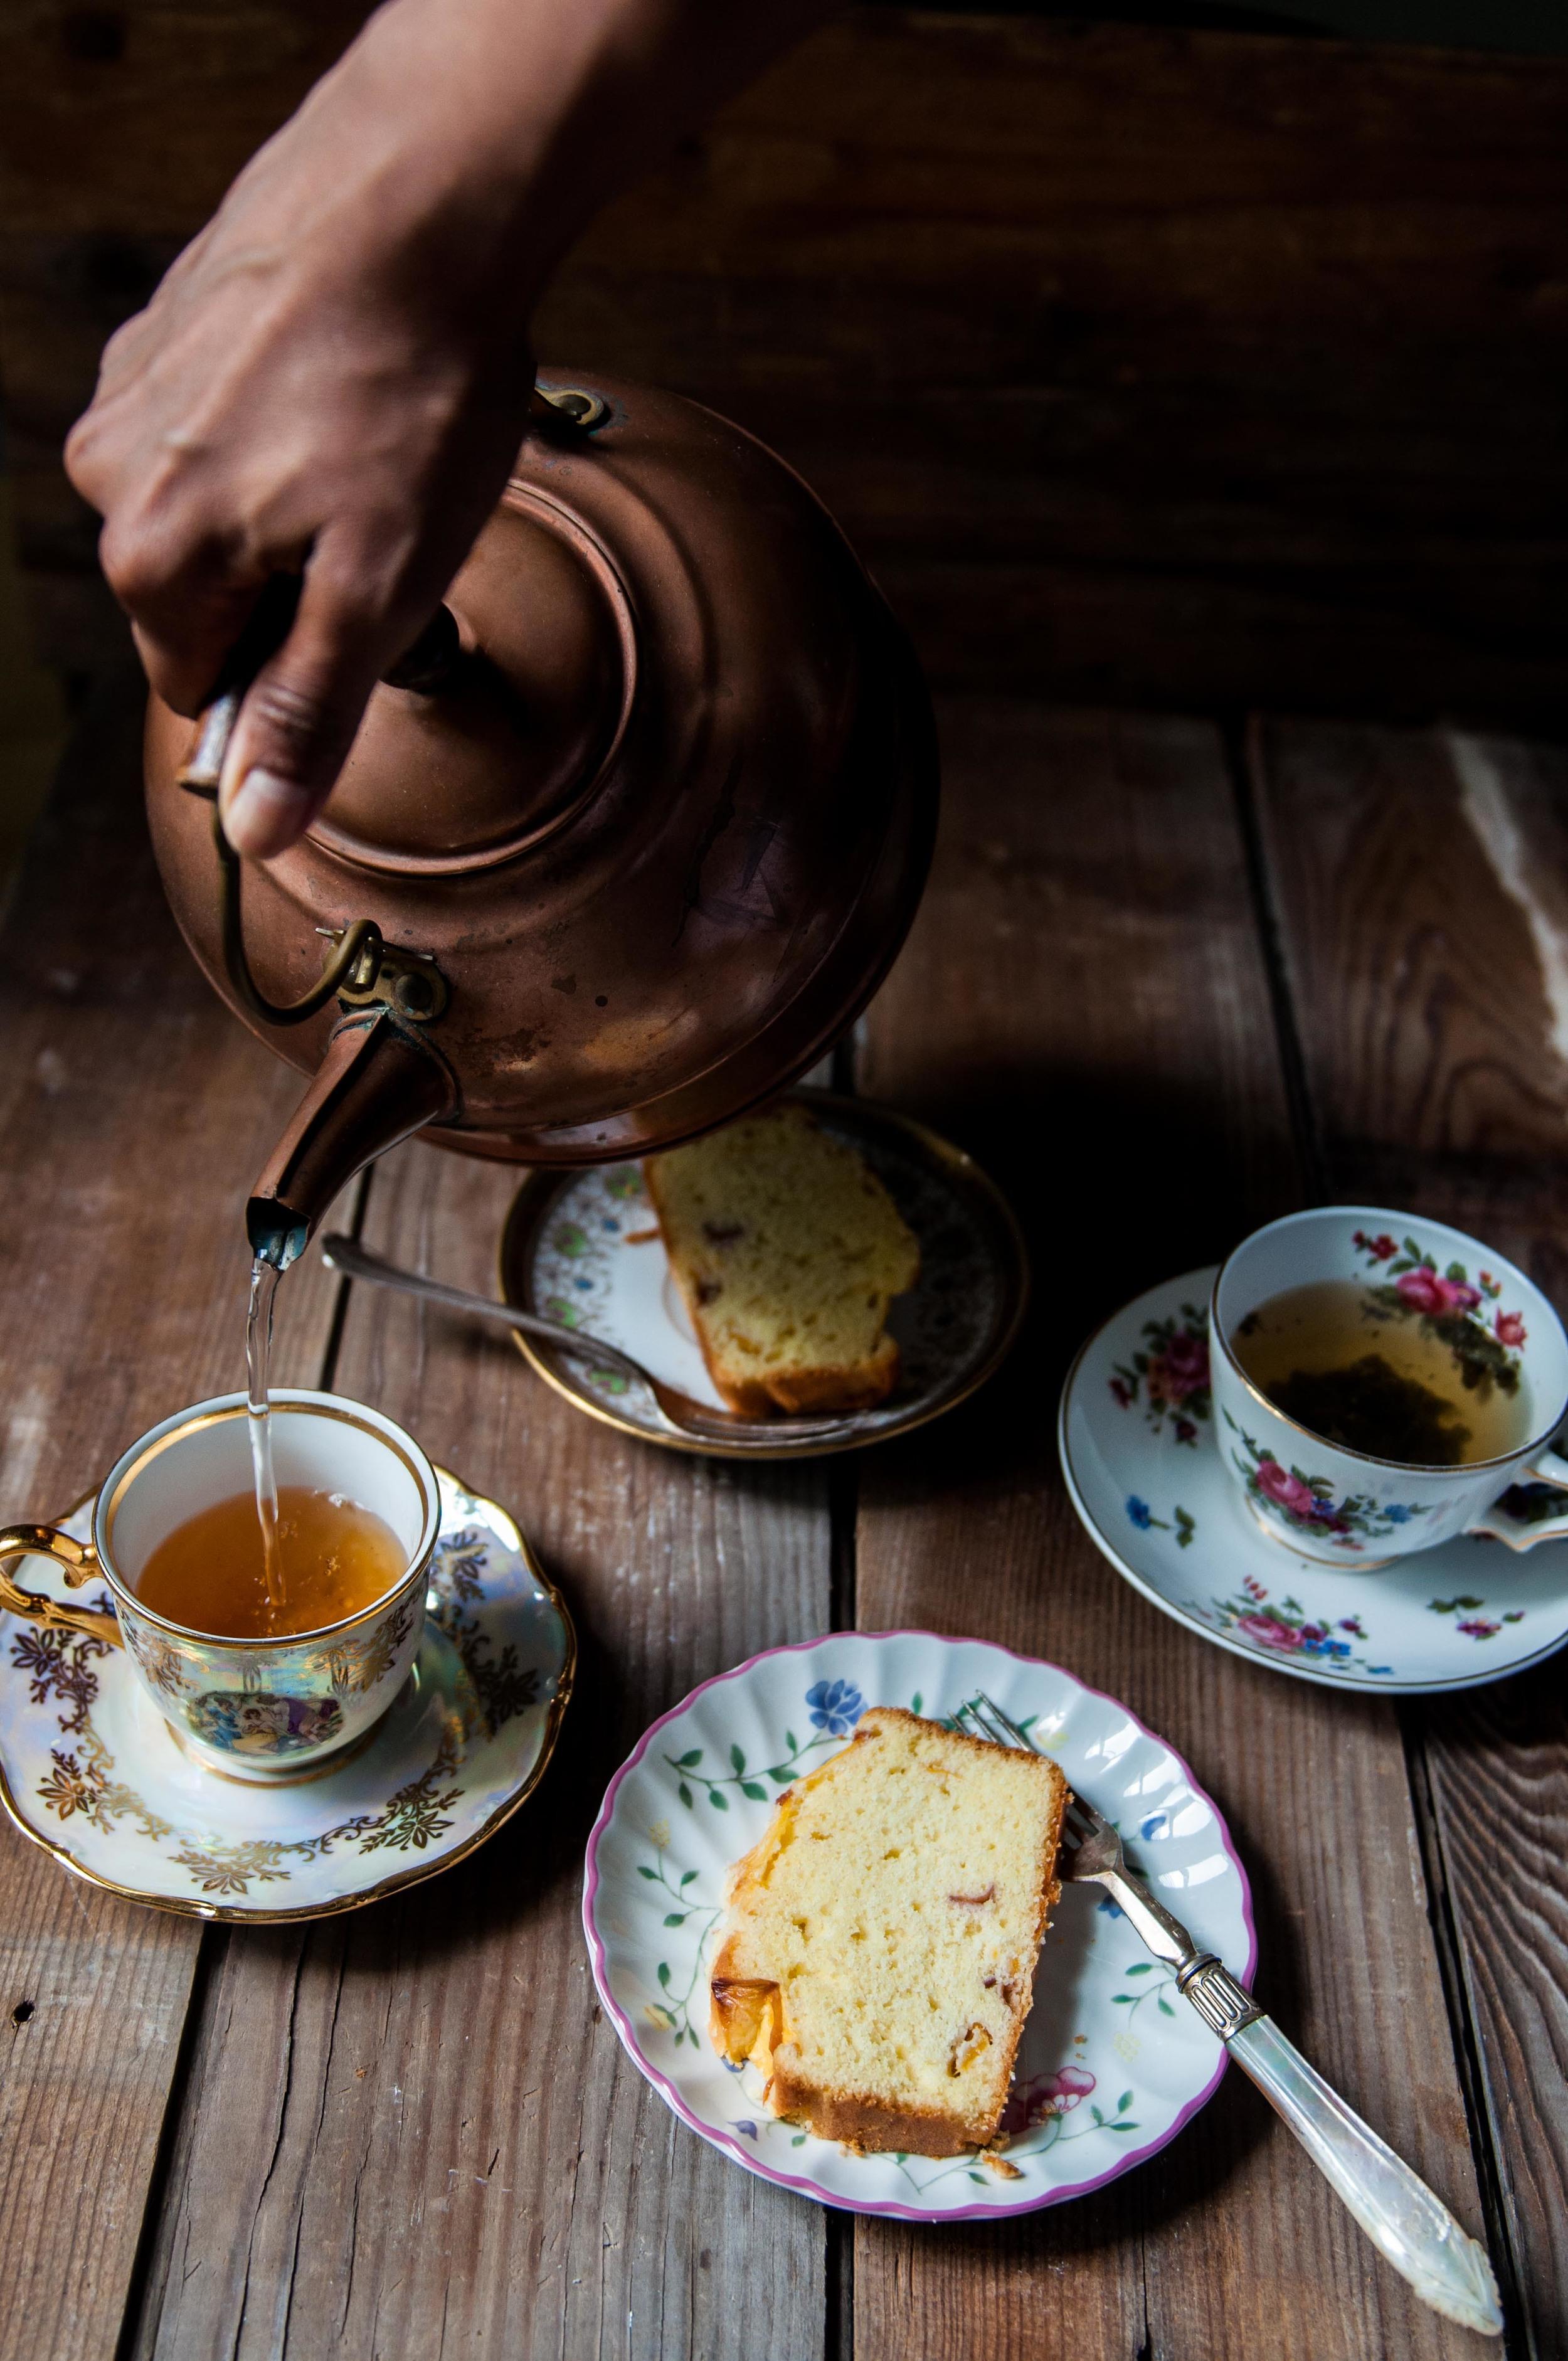 Pouring tea for Gluten Free Peach Pound Cake